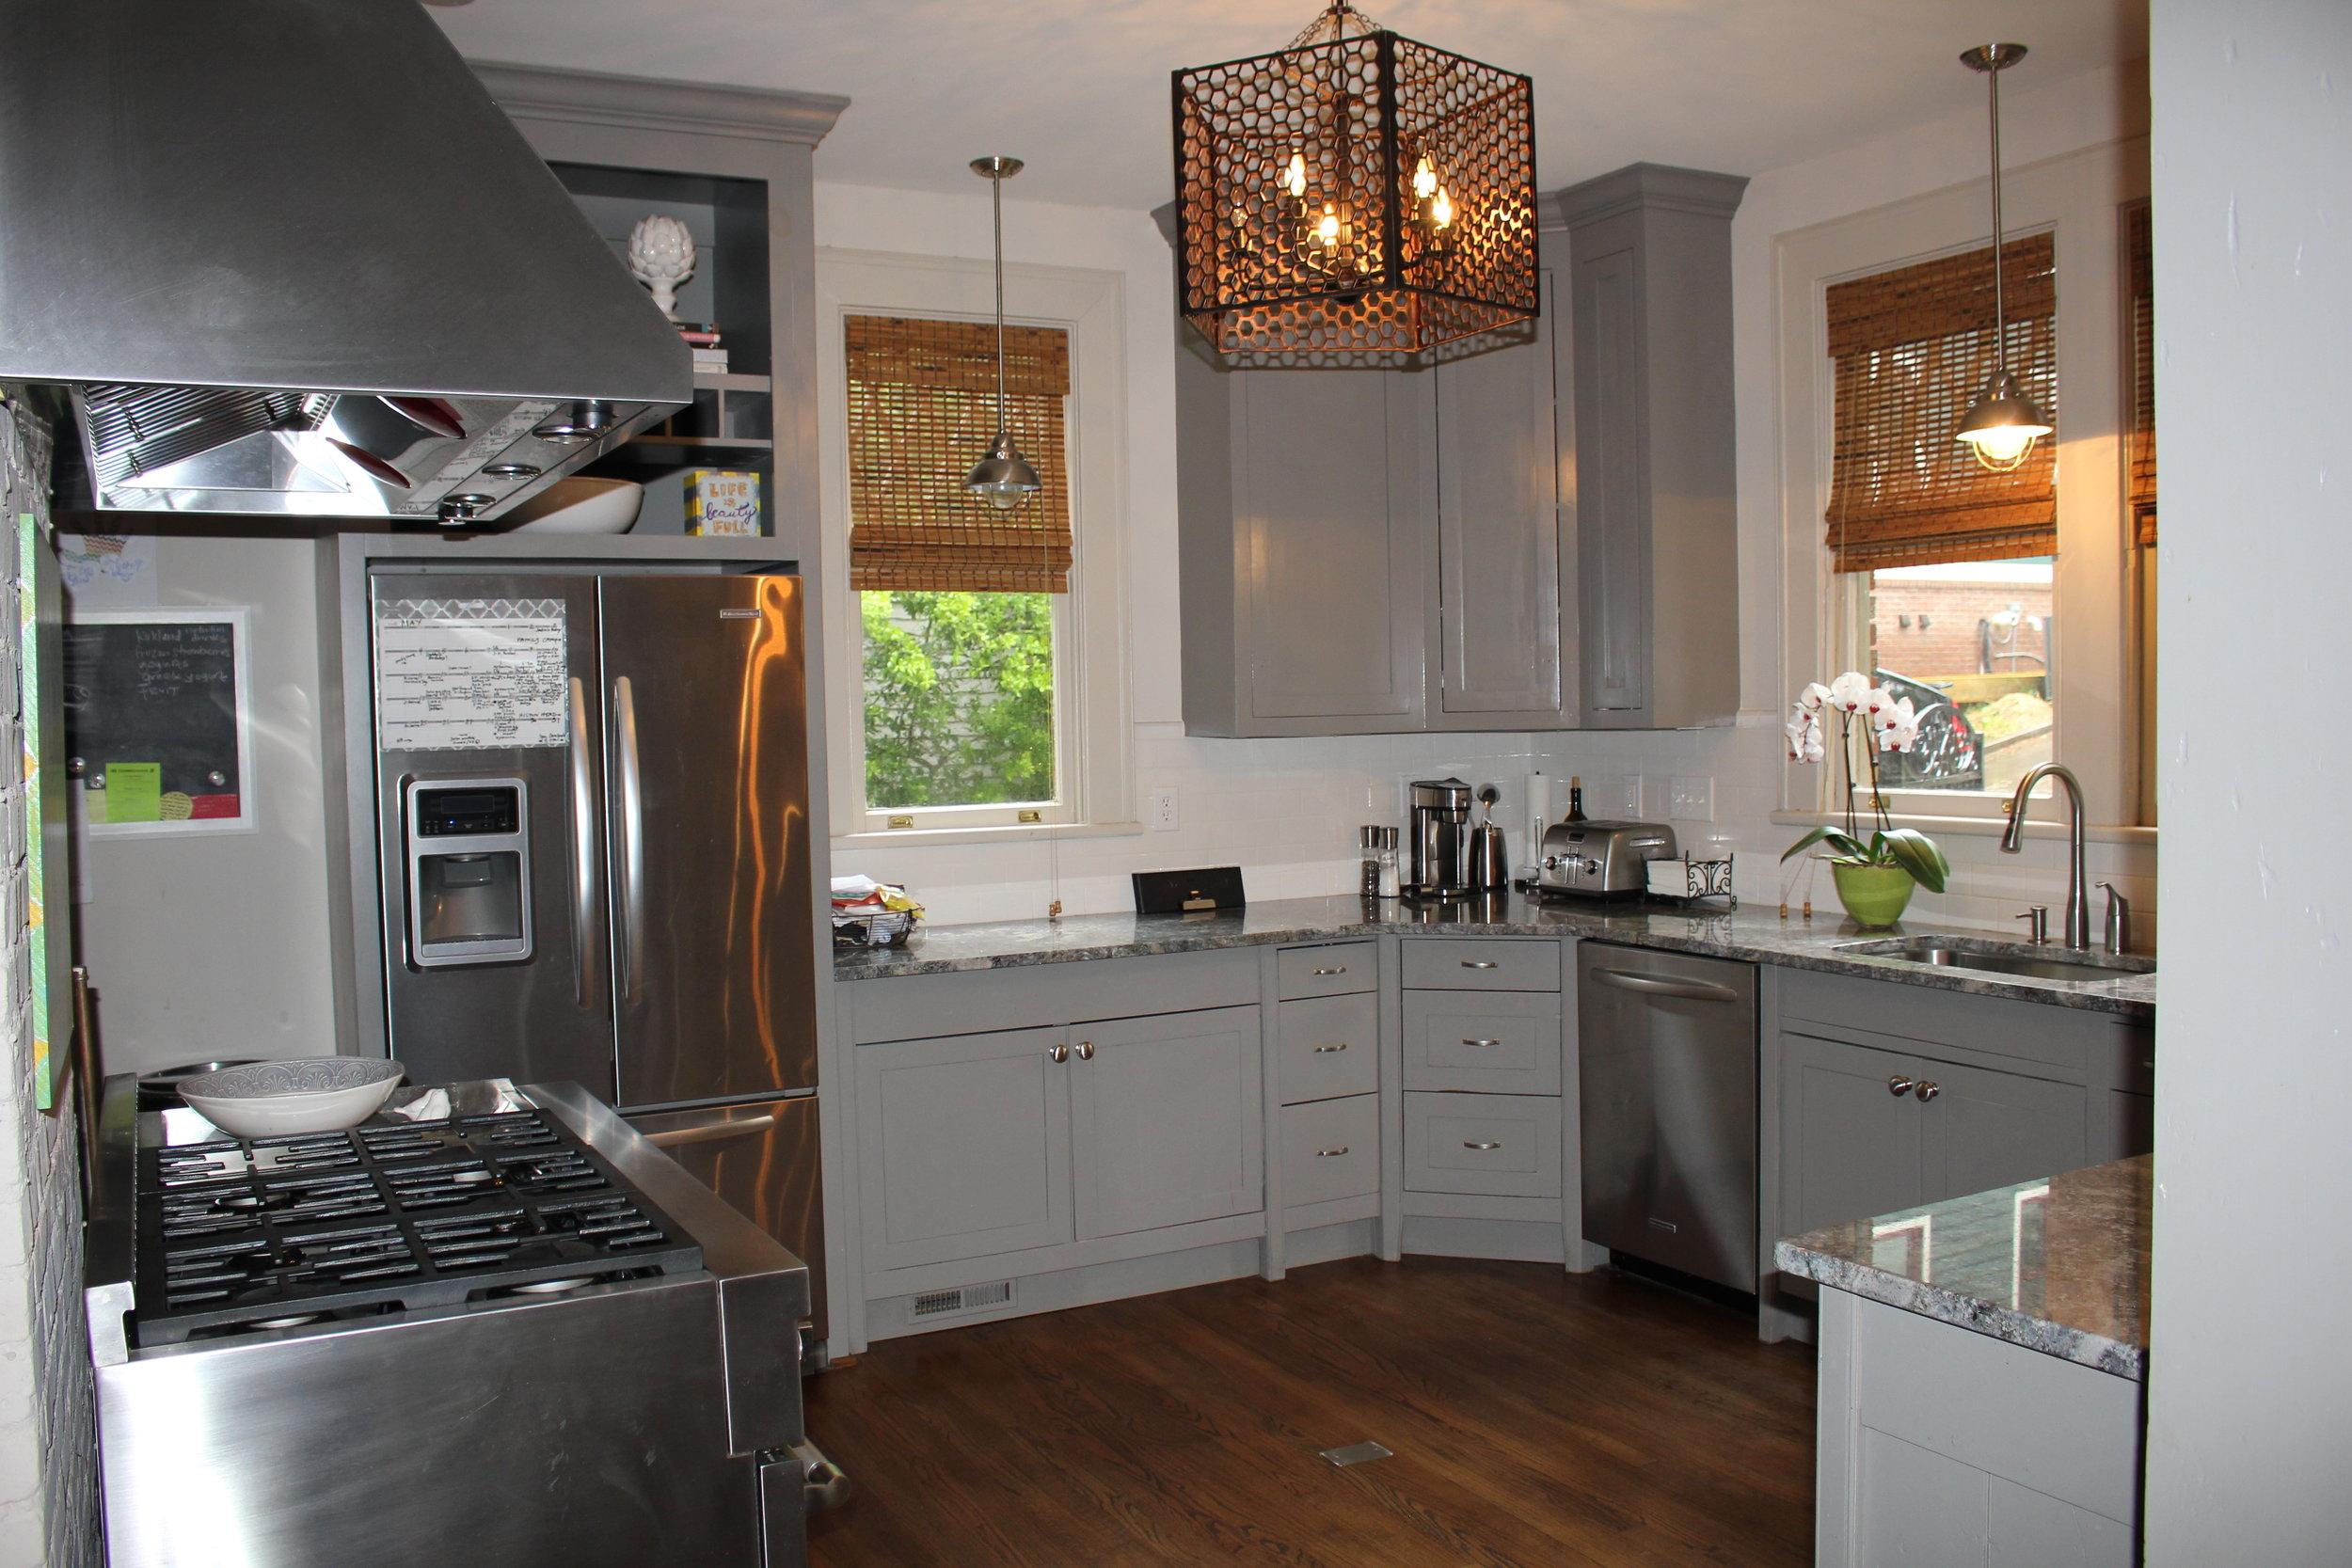 kitchen e park 002.JPG